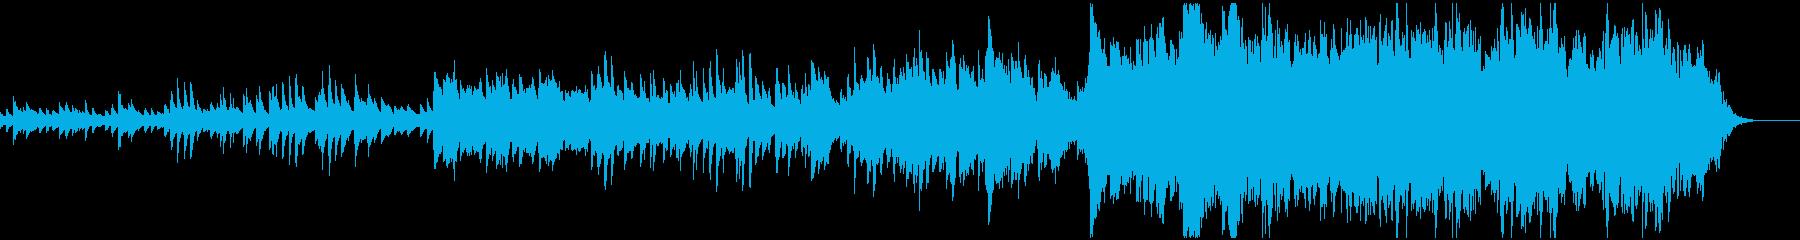 ピアノとストリングスのバラード曲の再生済みの波形